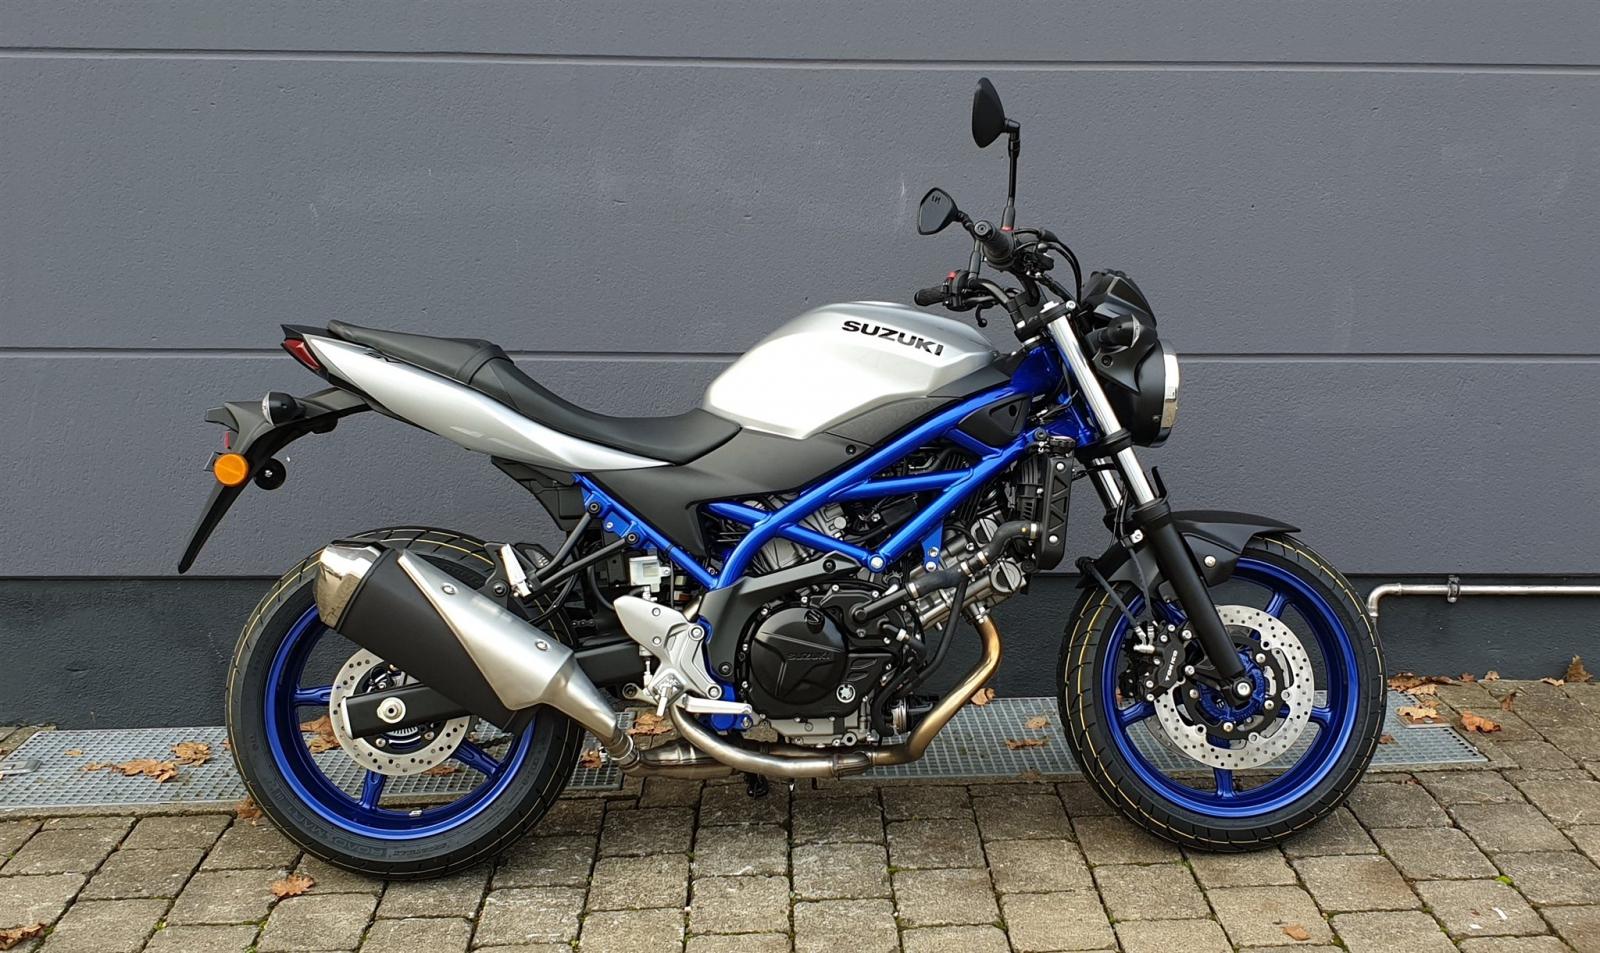 Suzuki SV 650, 35 kW !!! Neue Farben !!! Modell 2020 !!!